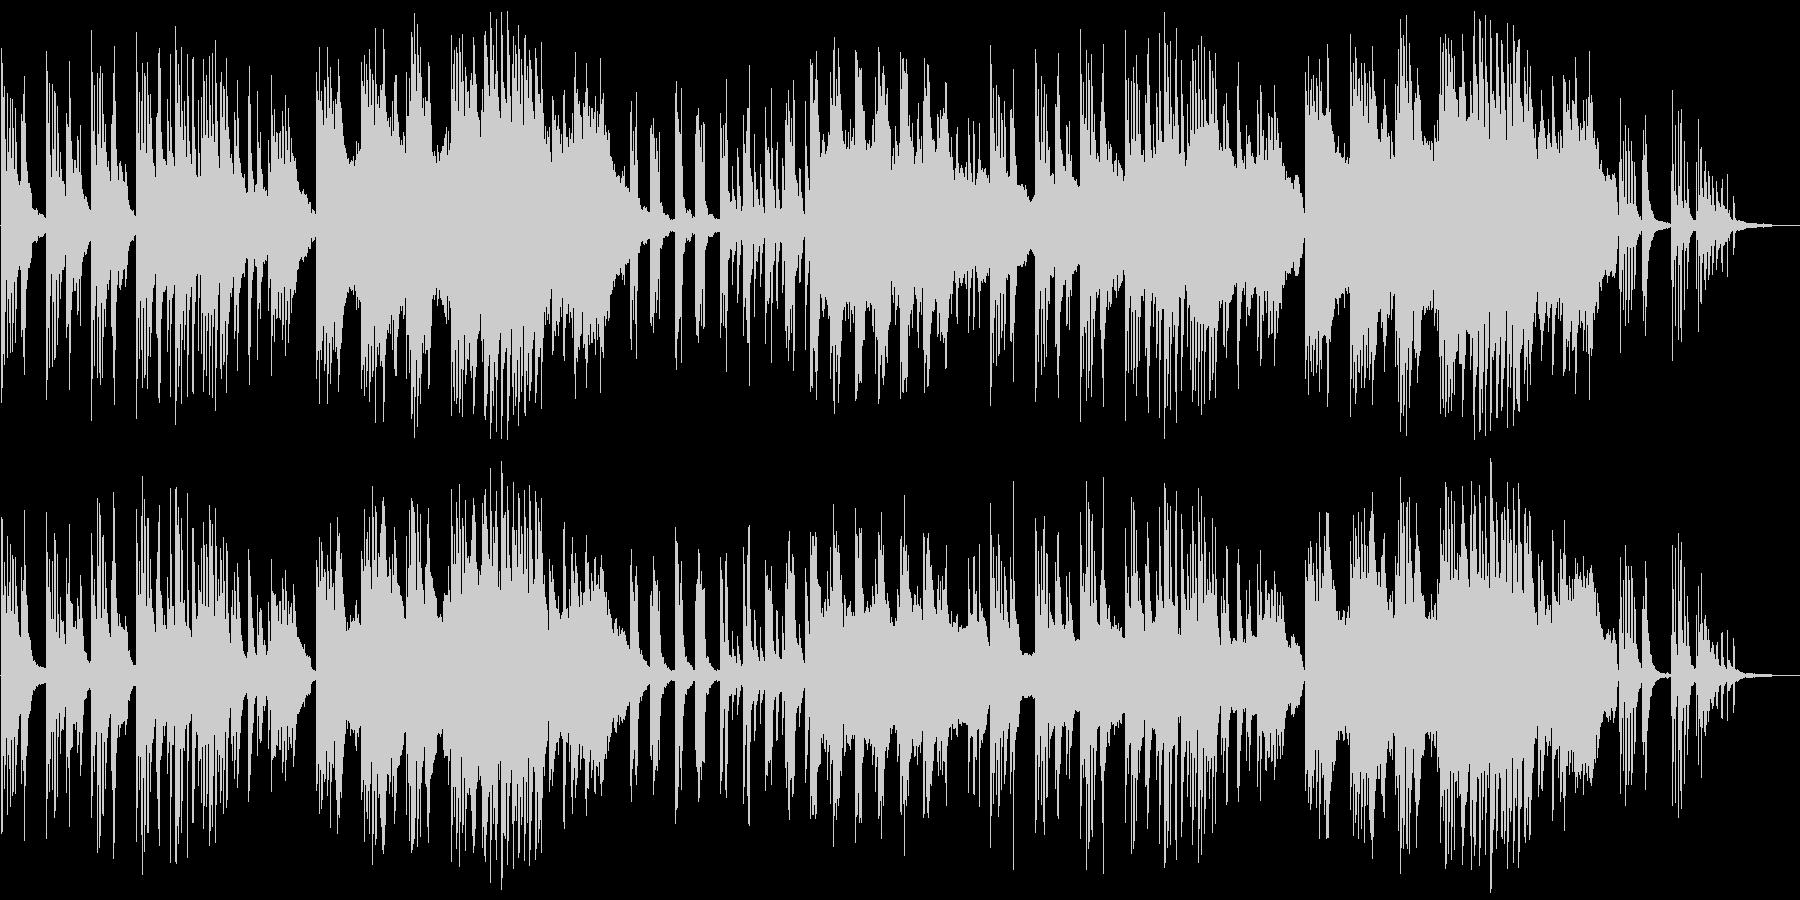 ピアノ、琴、ストリングスの和風バラードの未再生の波形